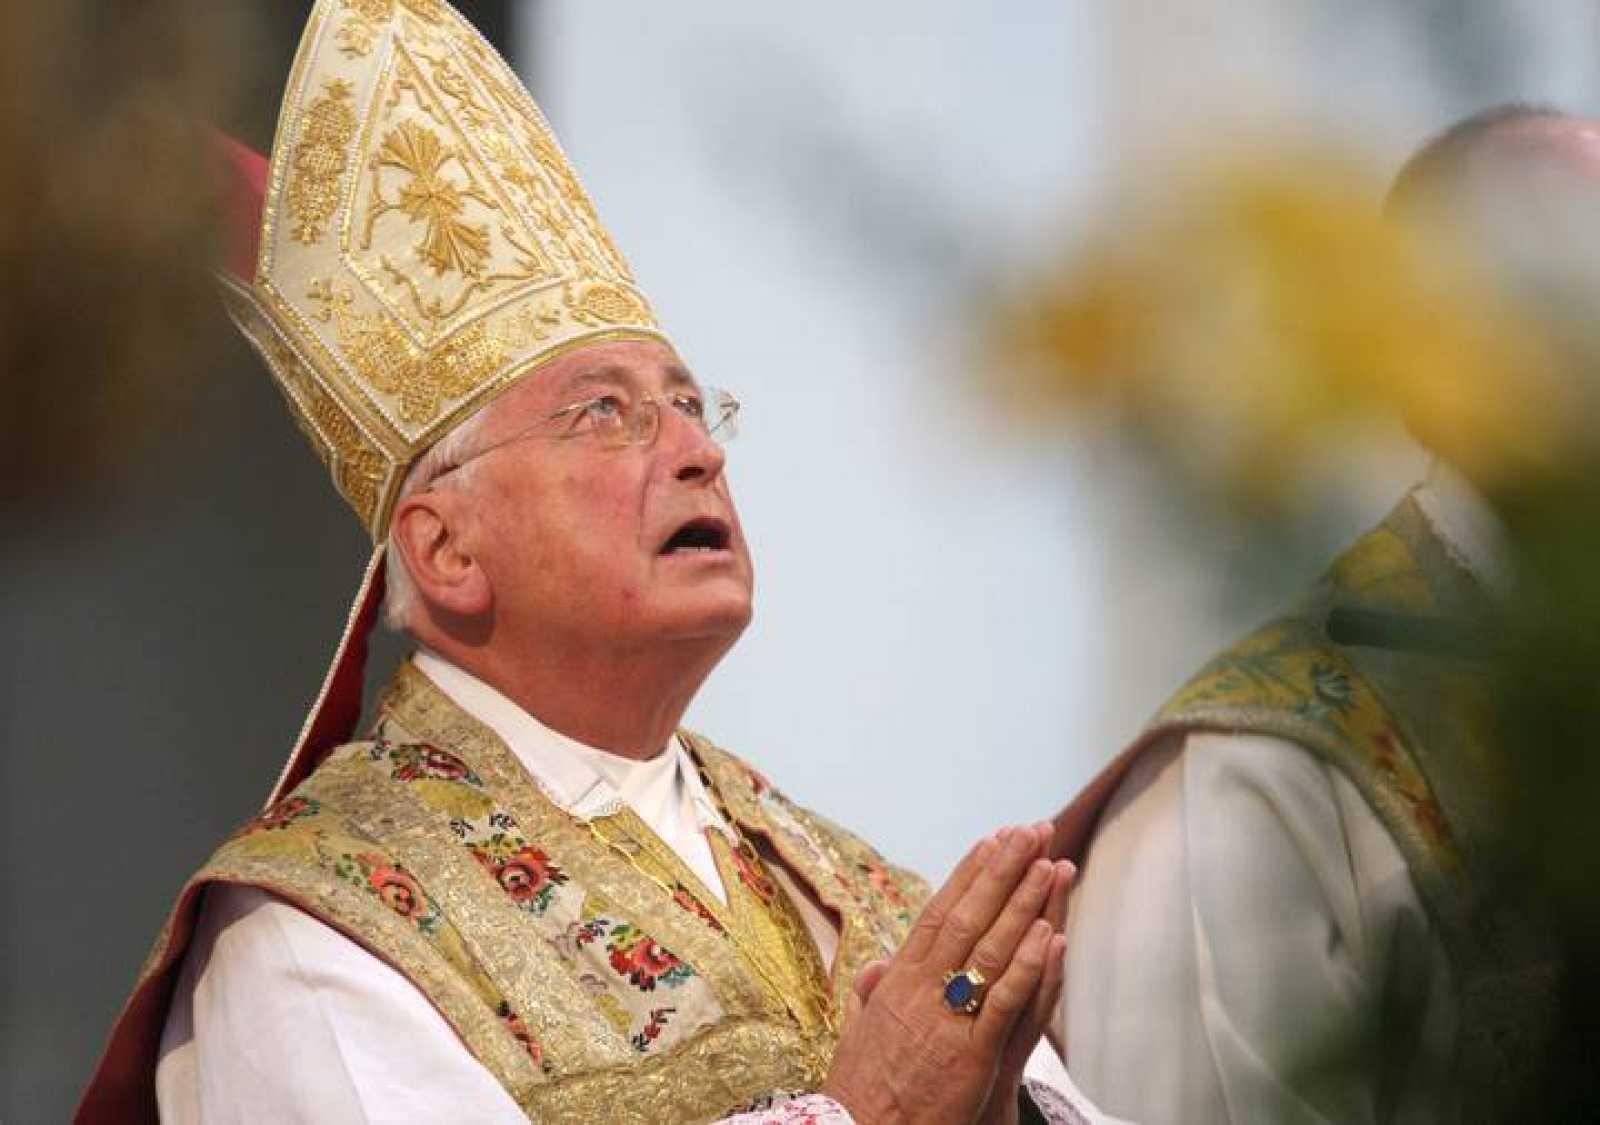 Obispo de Augsburgo, Walter Mixa, durante una misa